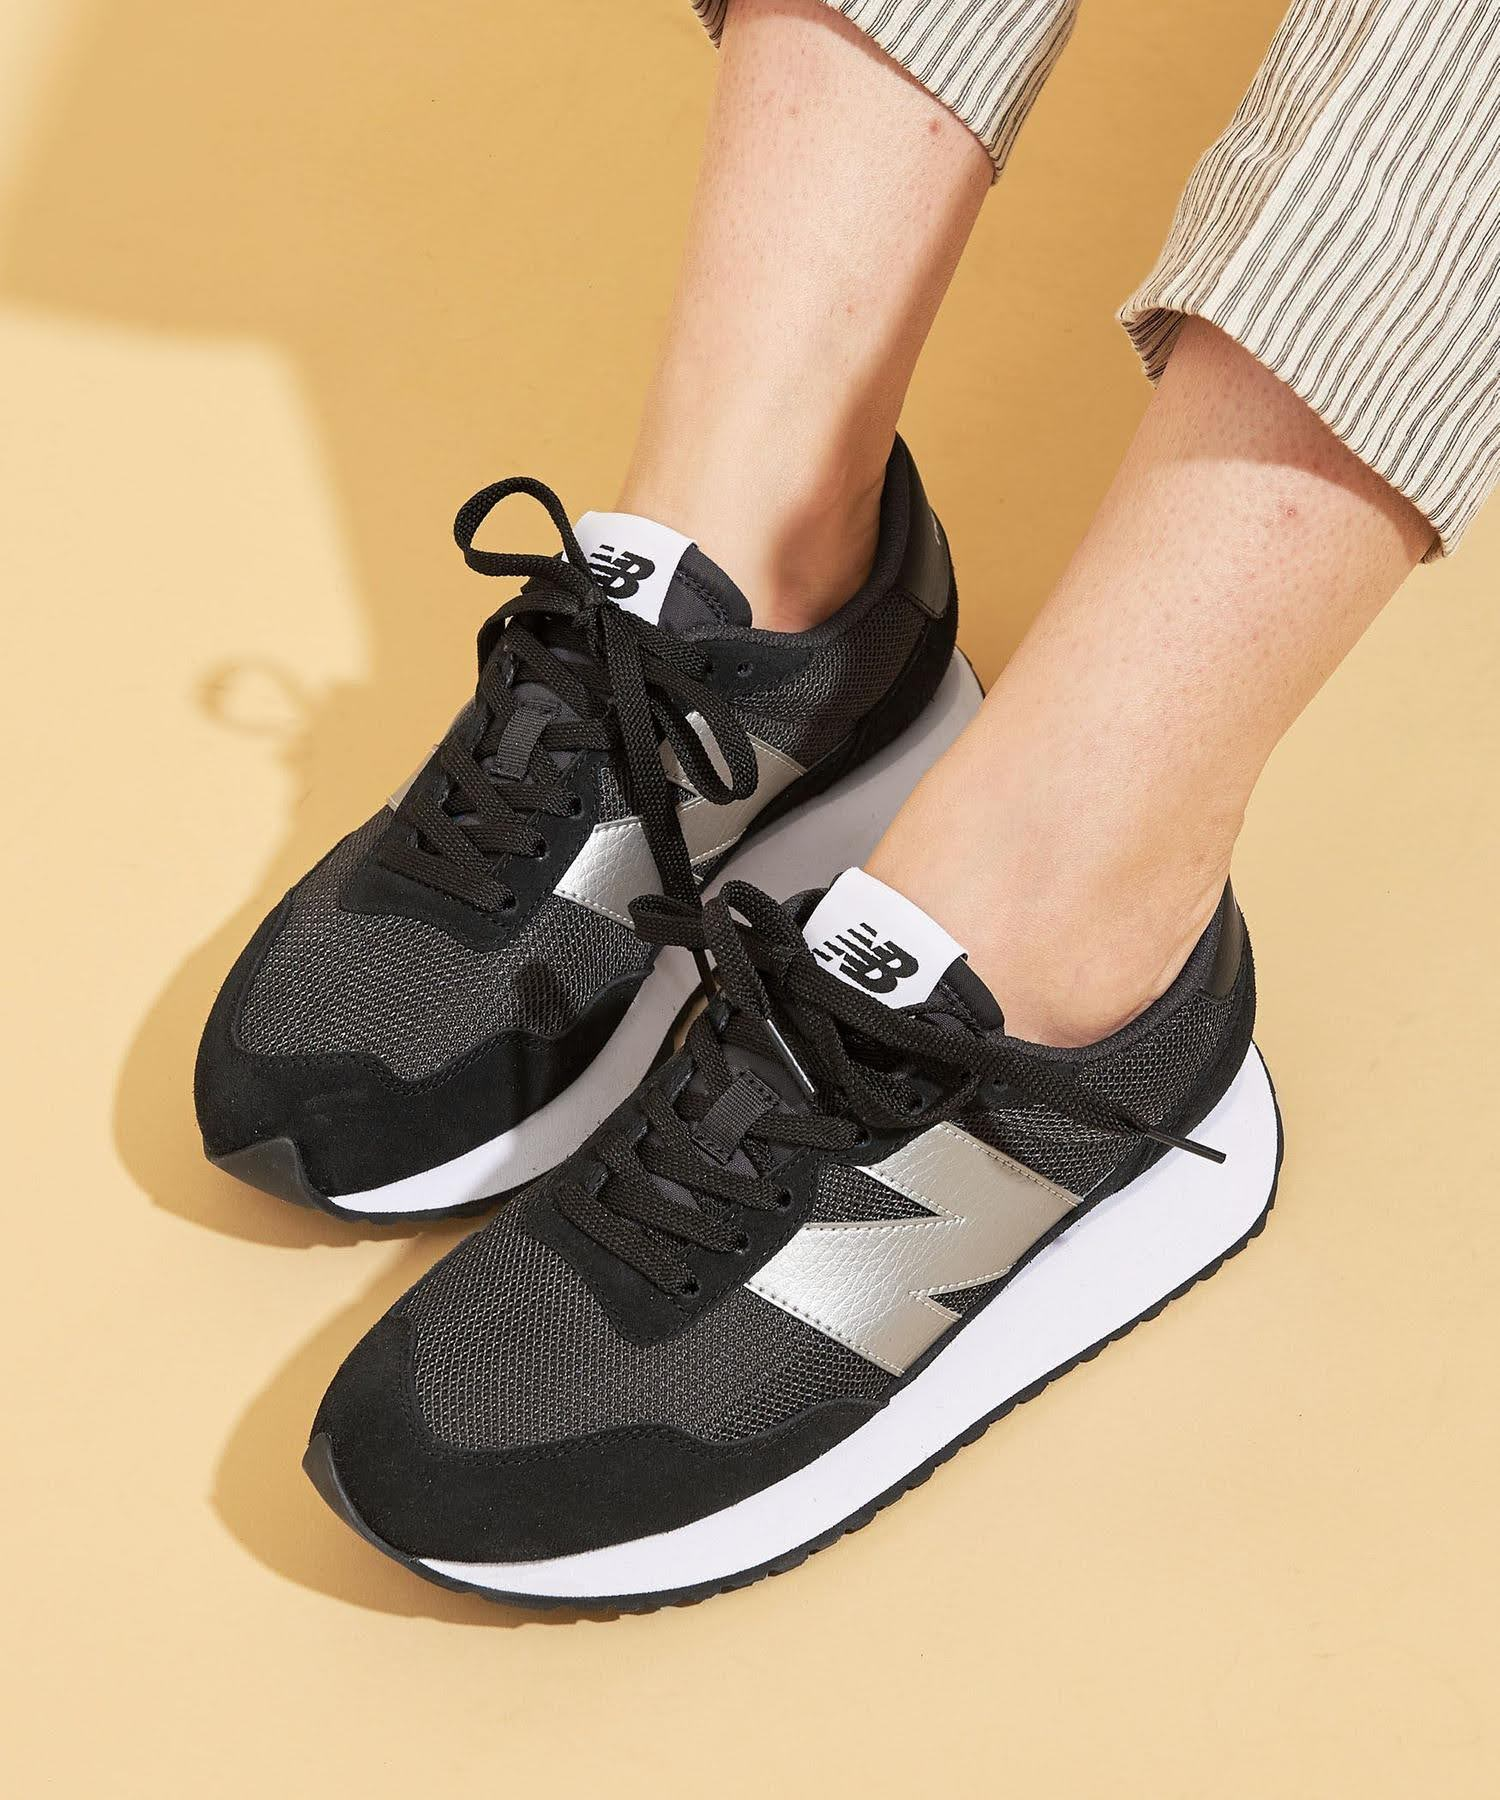 ニューバランス WS237/ ブラック New-Balance-WS237-Black-on-feet